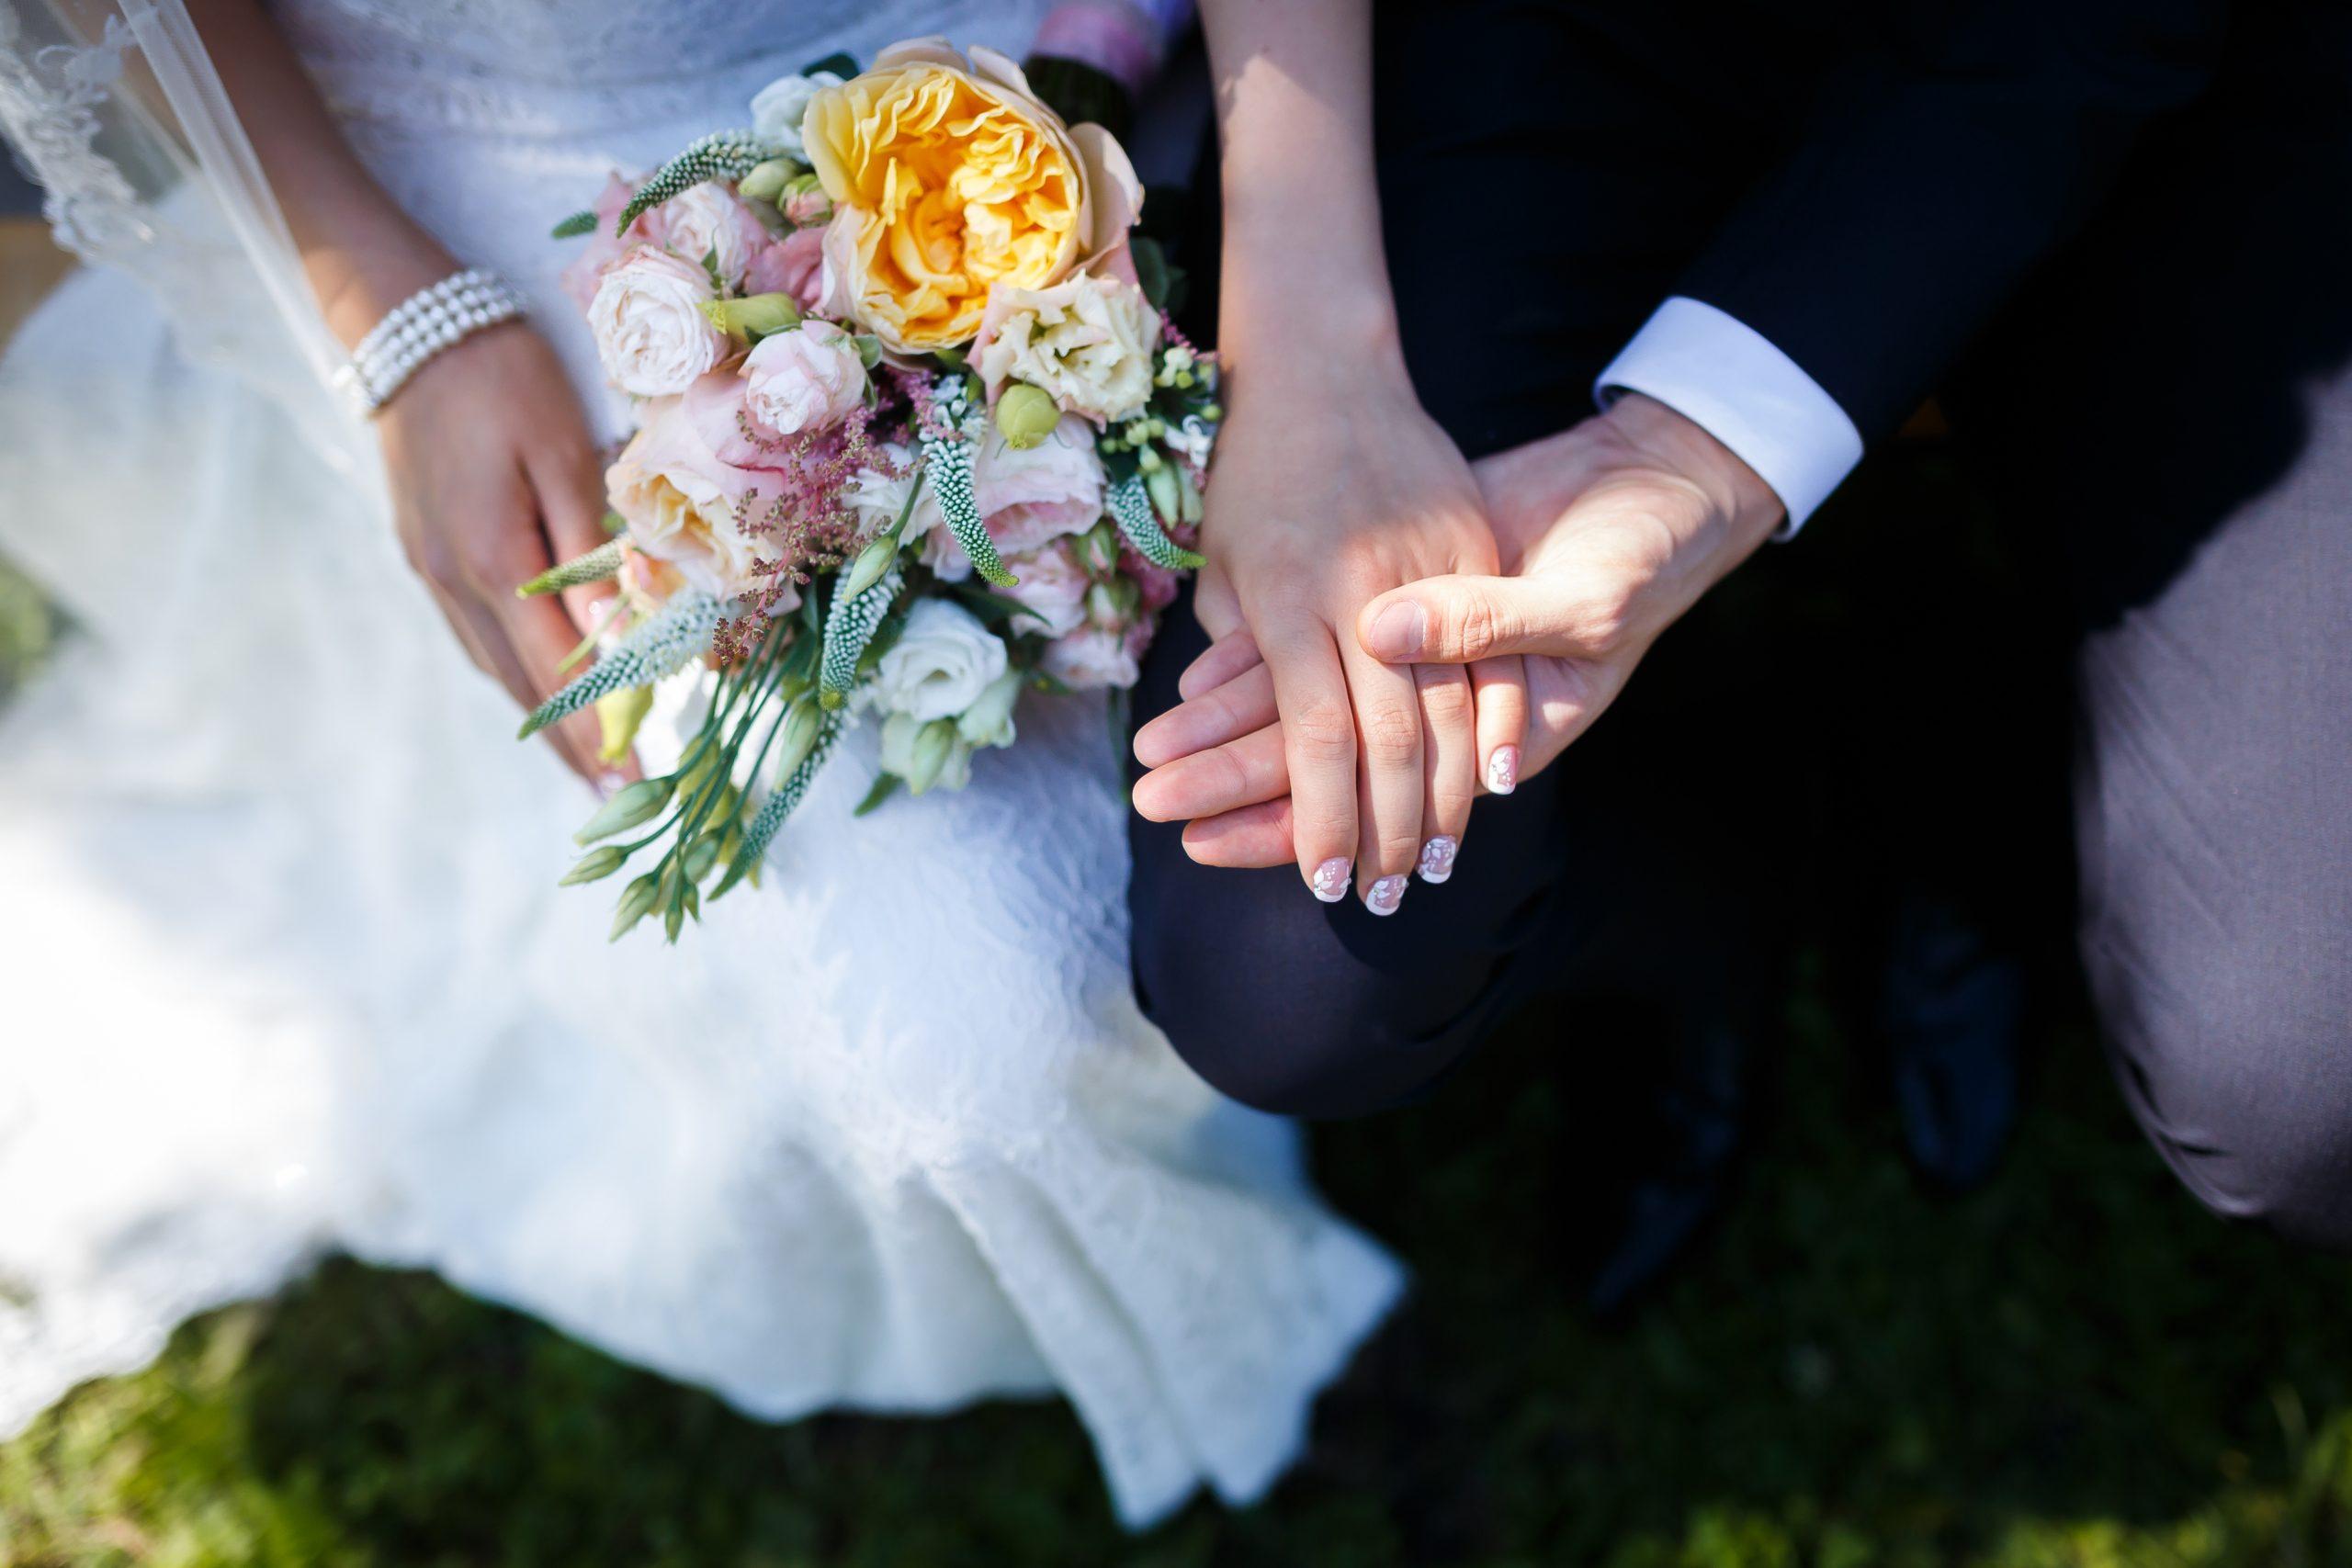 恋愛占い|交際中の相手で本当にいいの?結婚したら幸せになれる?